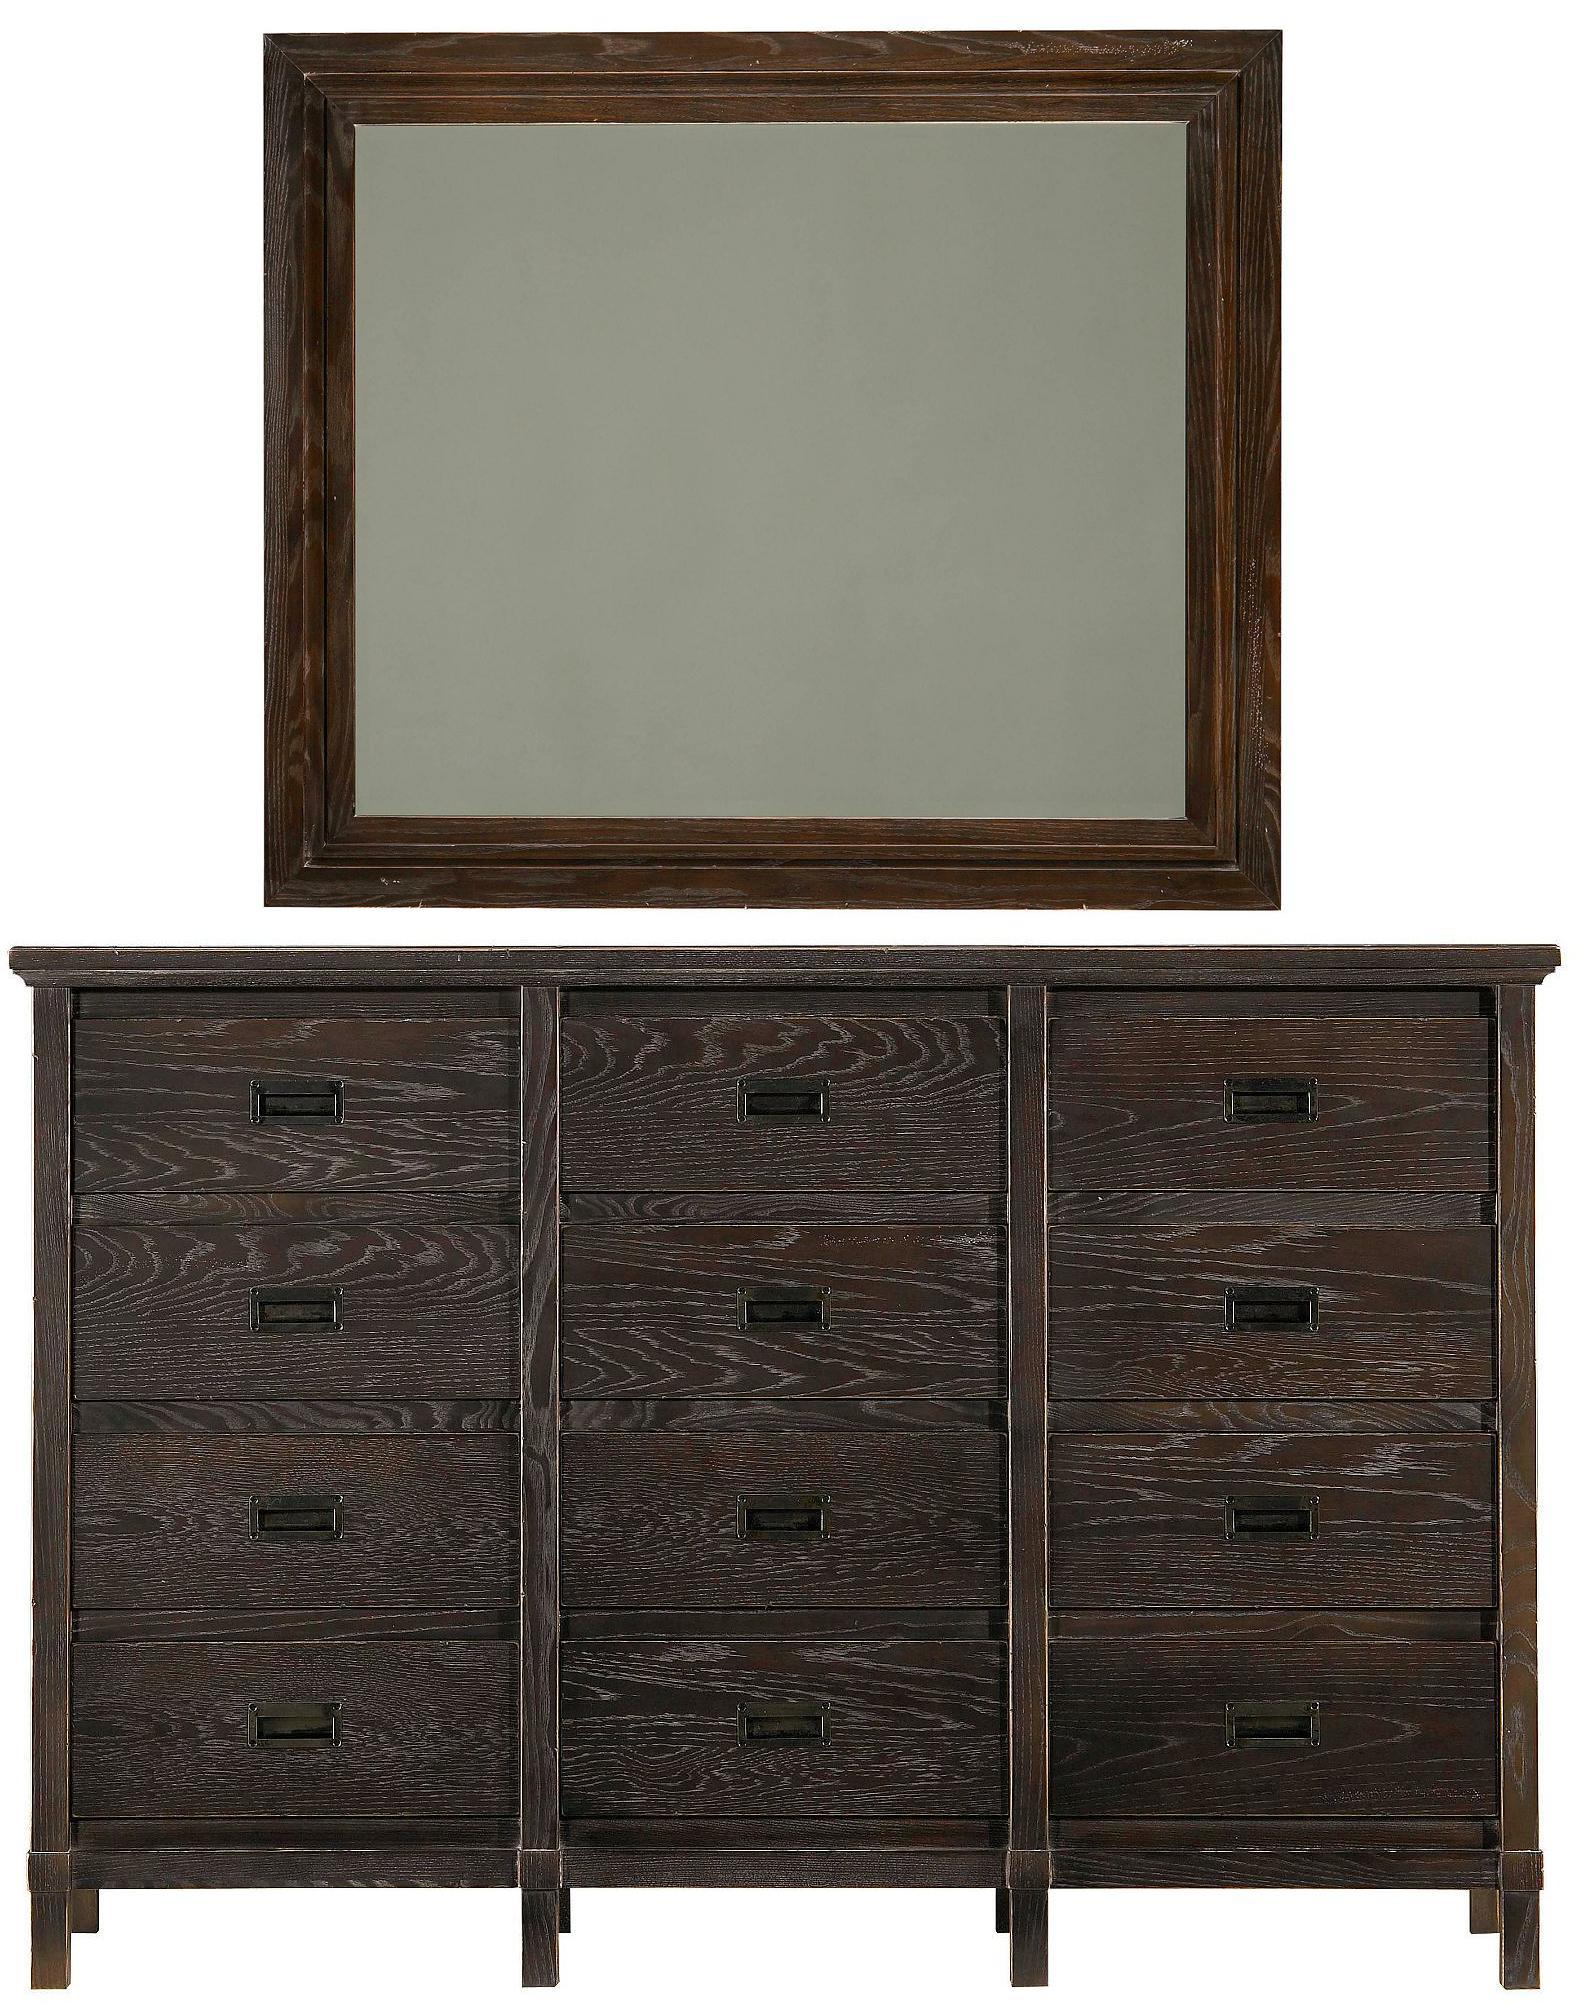 Stanley Furniture Coastal Living Resort Haven's Harbor Dresser & Day's End Mirror - Item Number: 062-13-05+31